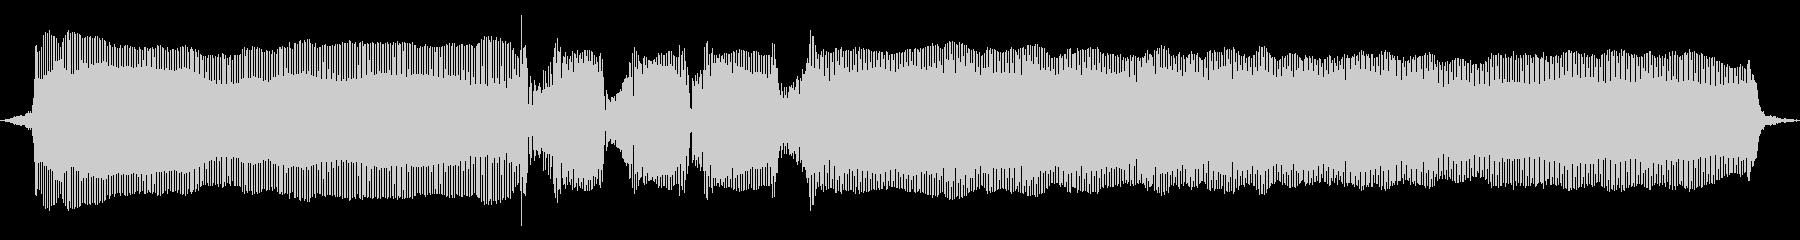 こぶし01(C#)の未再生の波形